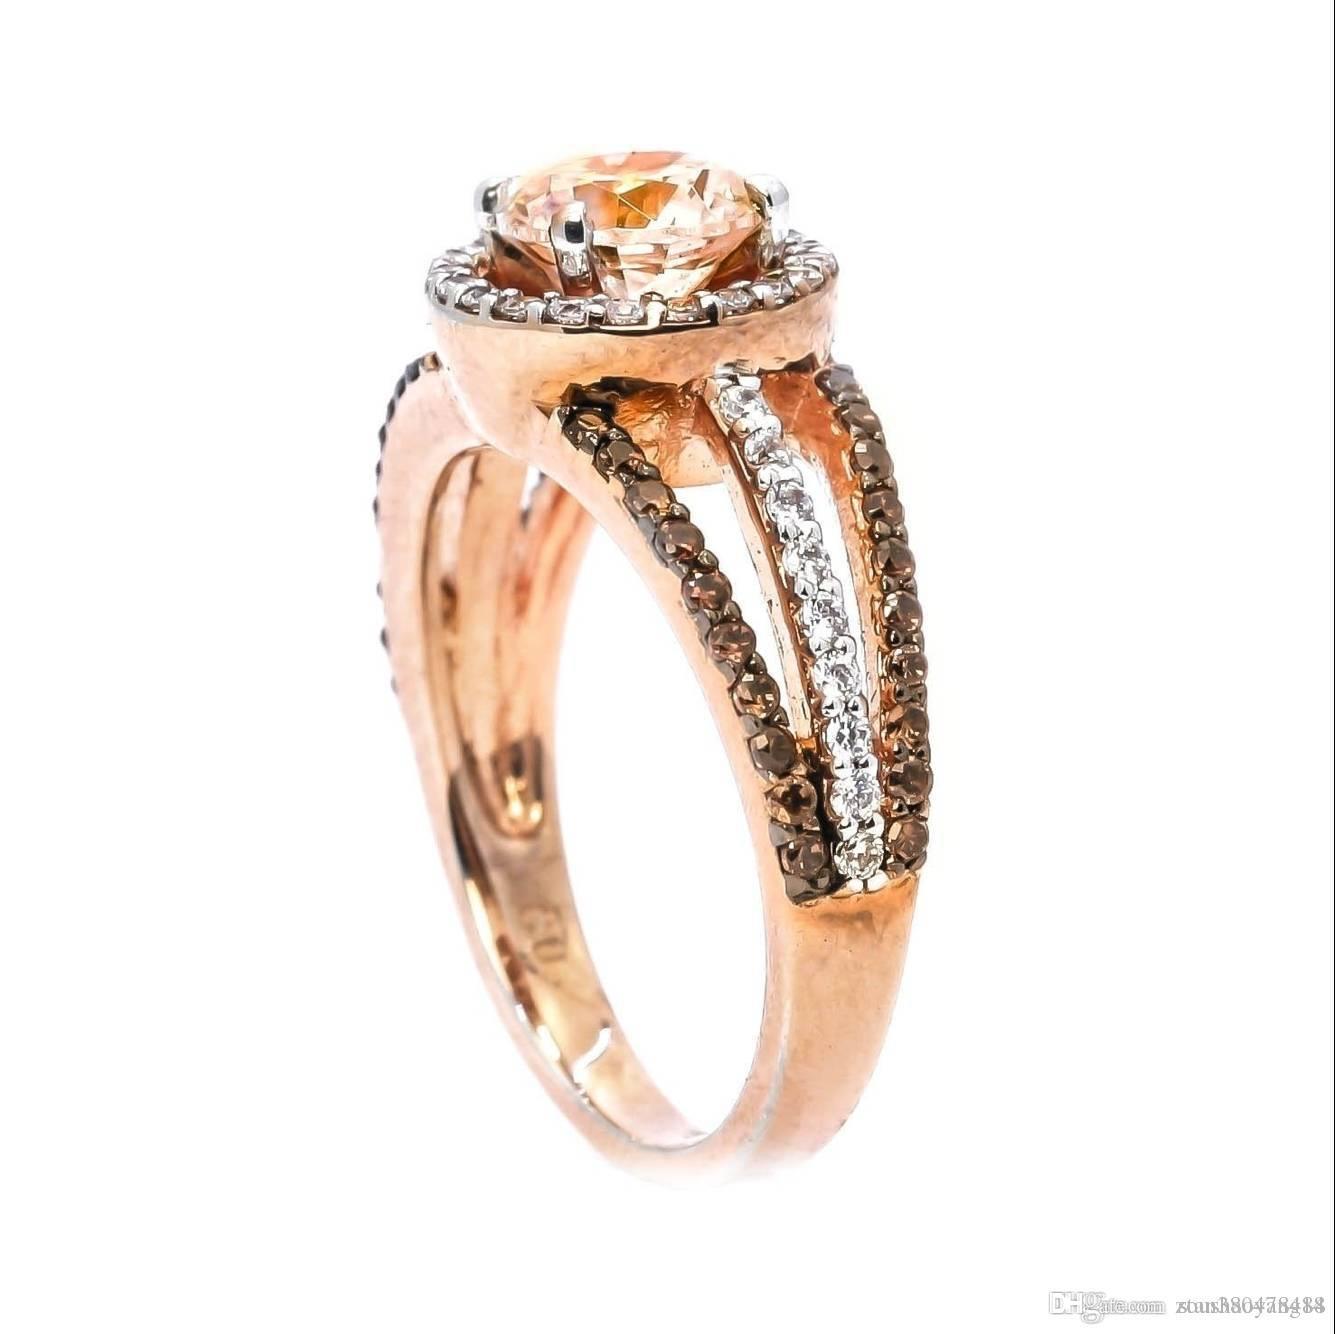 7bf62e8c3cca Compre Hermoso Anillo De Diamantes Micro Incrustados Anillo De Temperamento  Chapado En Oro Rosa Blanco Y Negro Anillo De Fiesta De Diamantes Redondos  Joyas ...